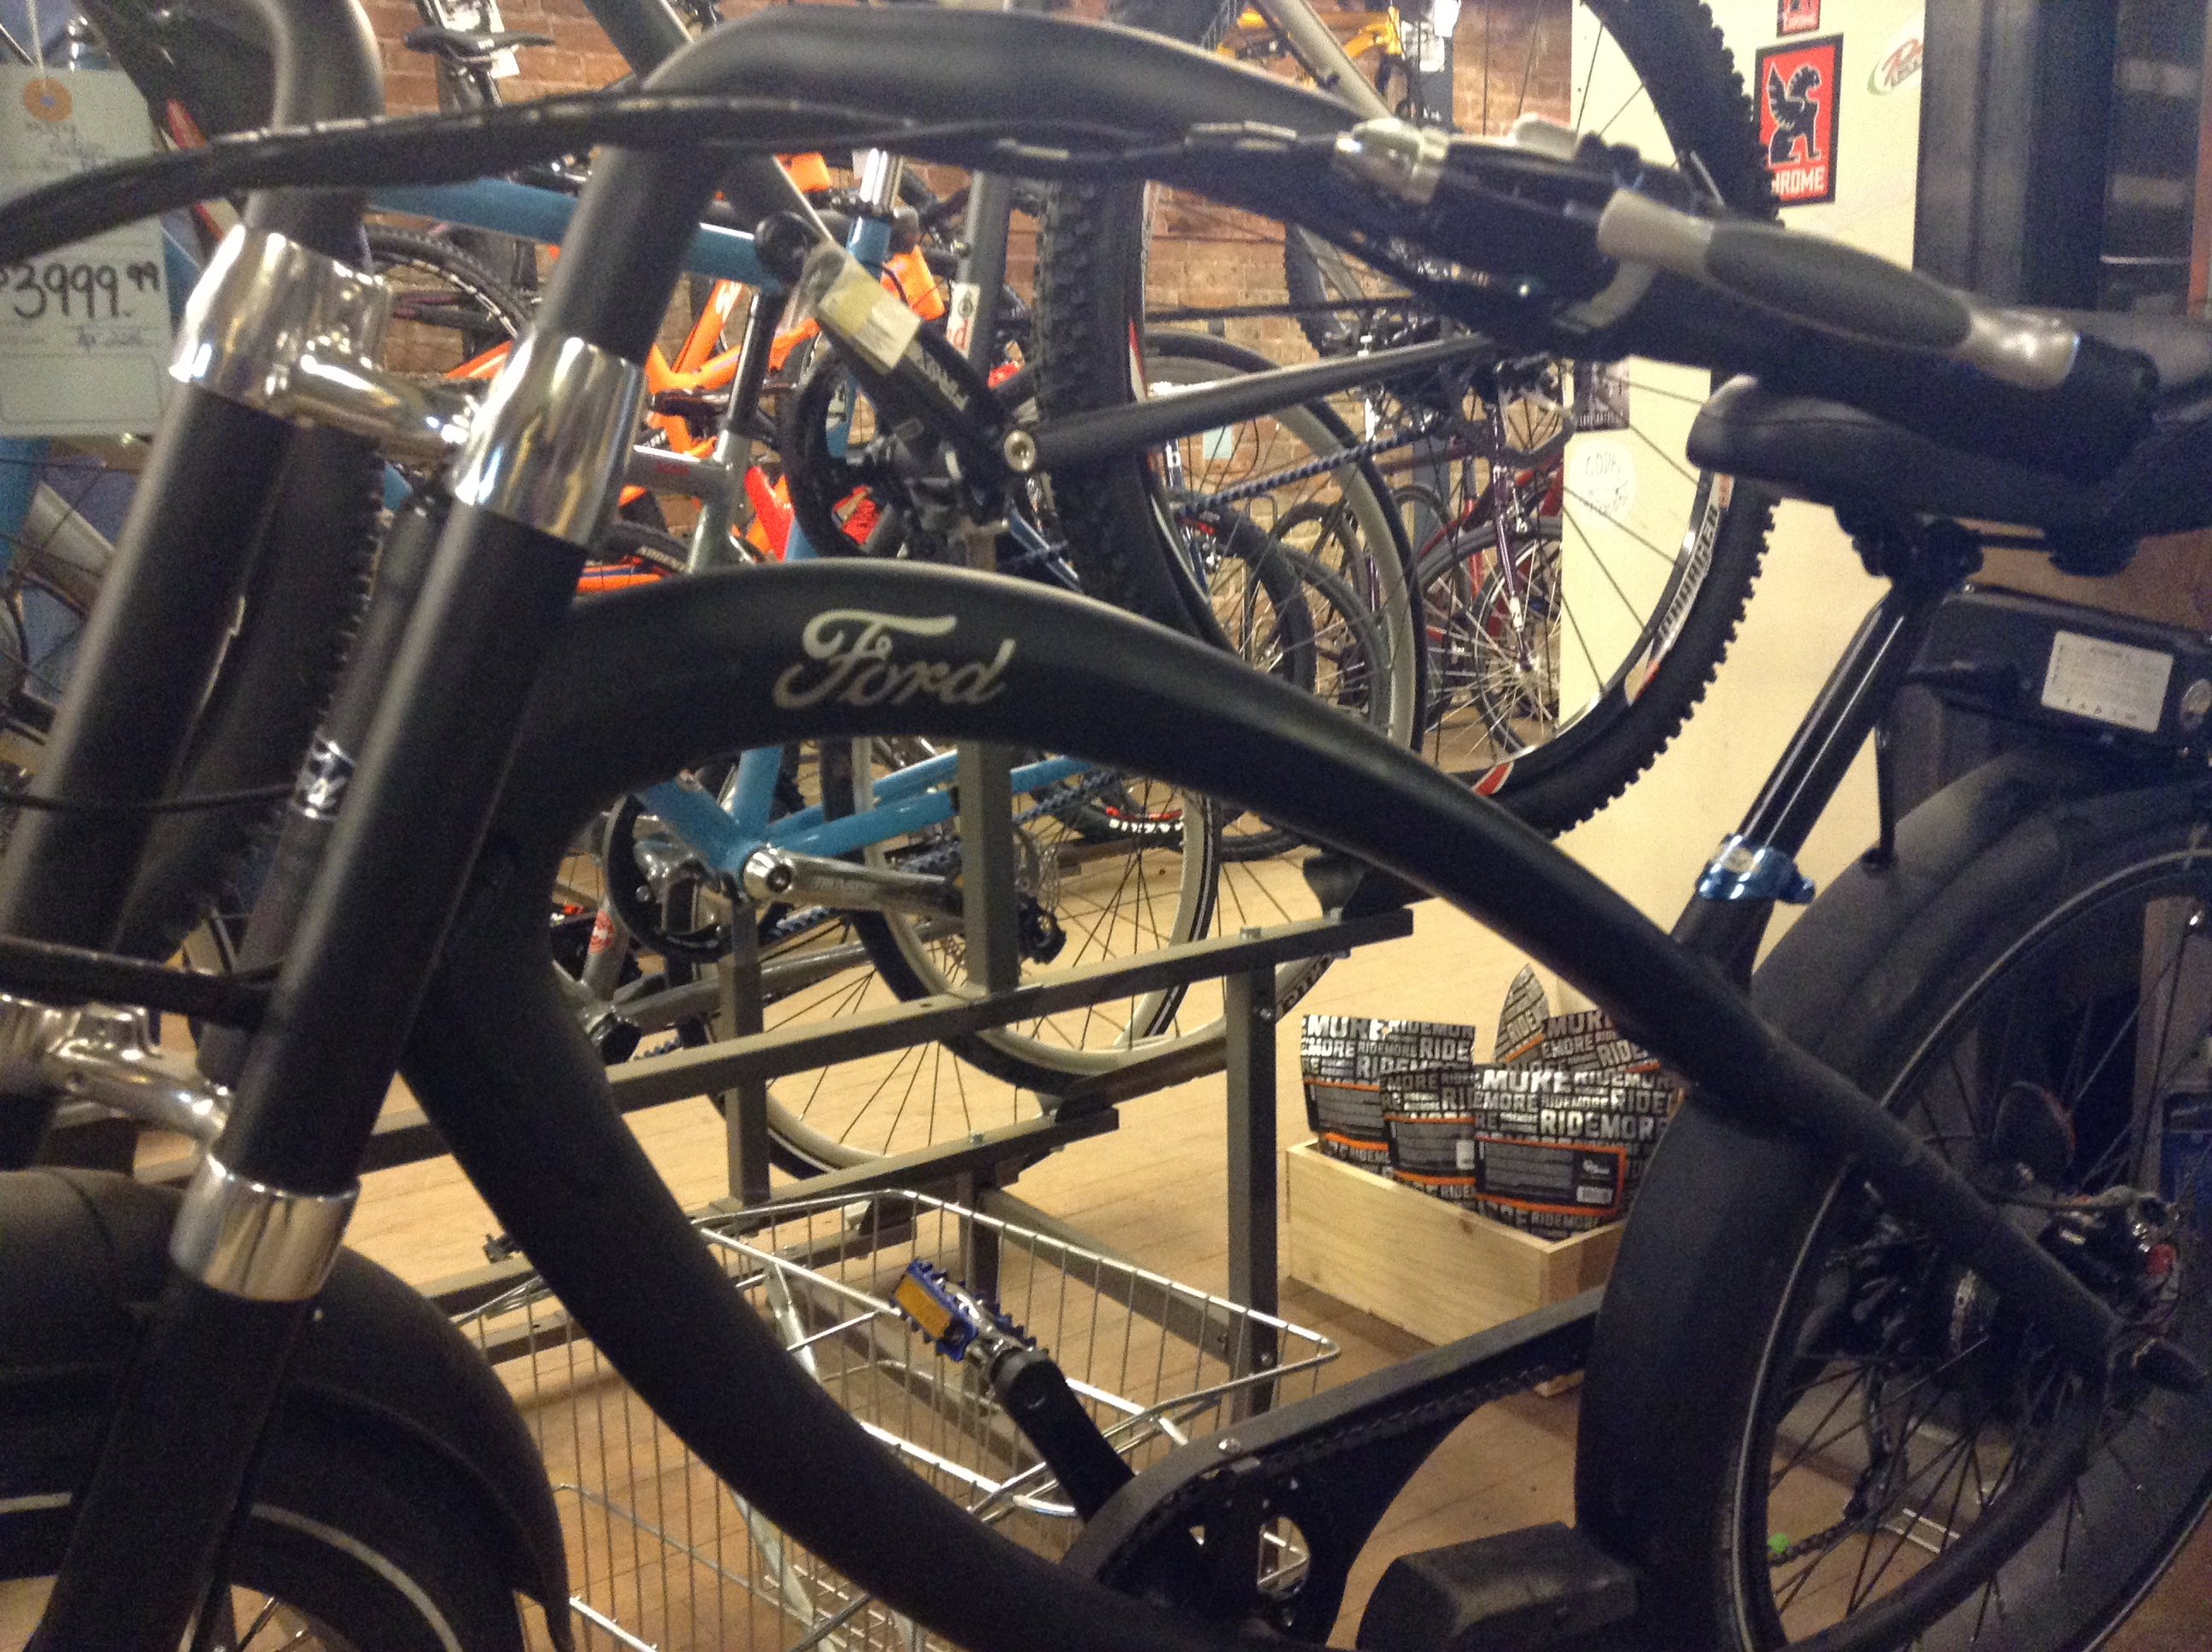 Ford Electric Bike